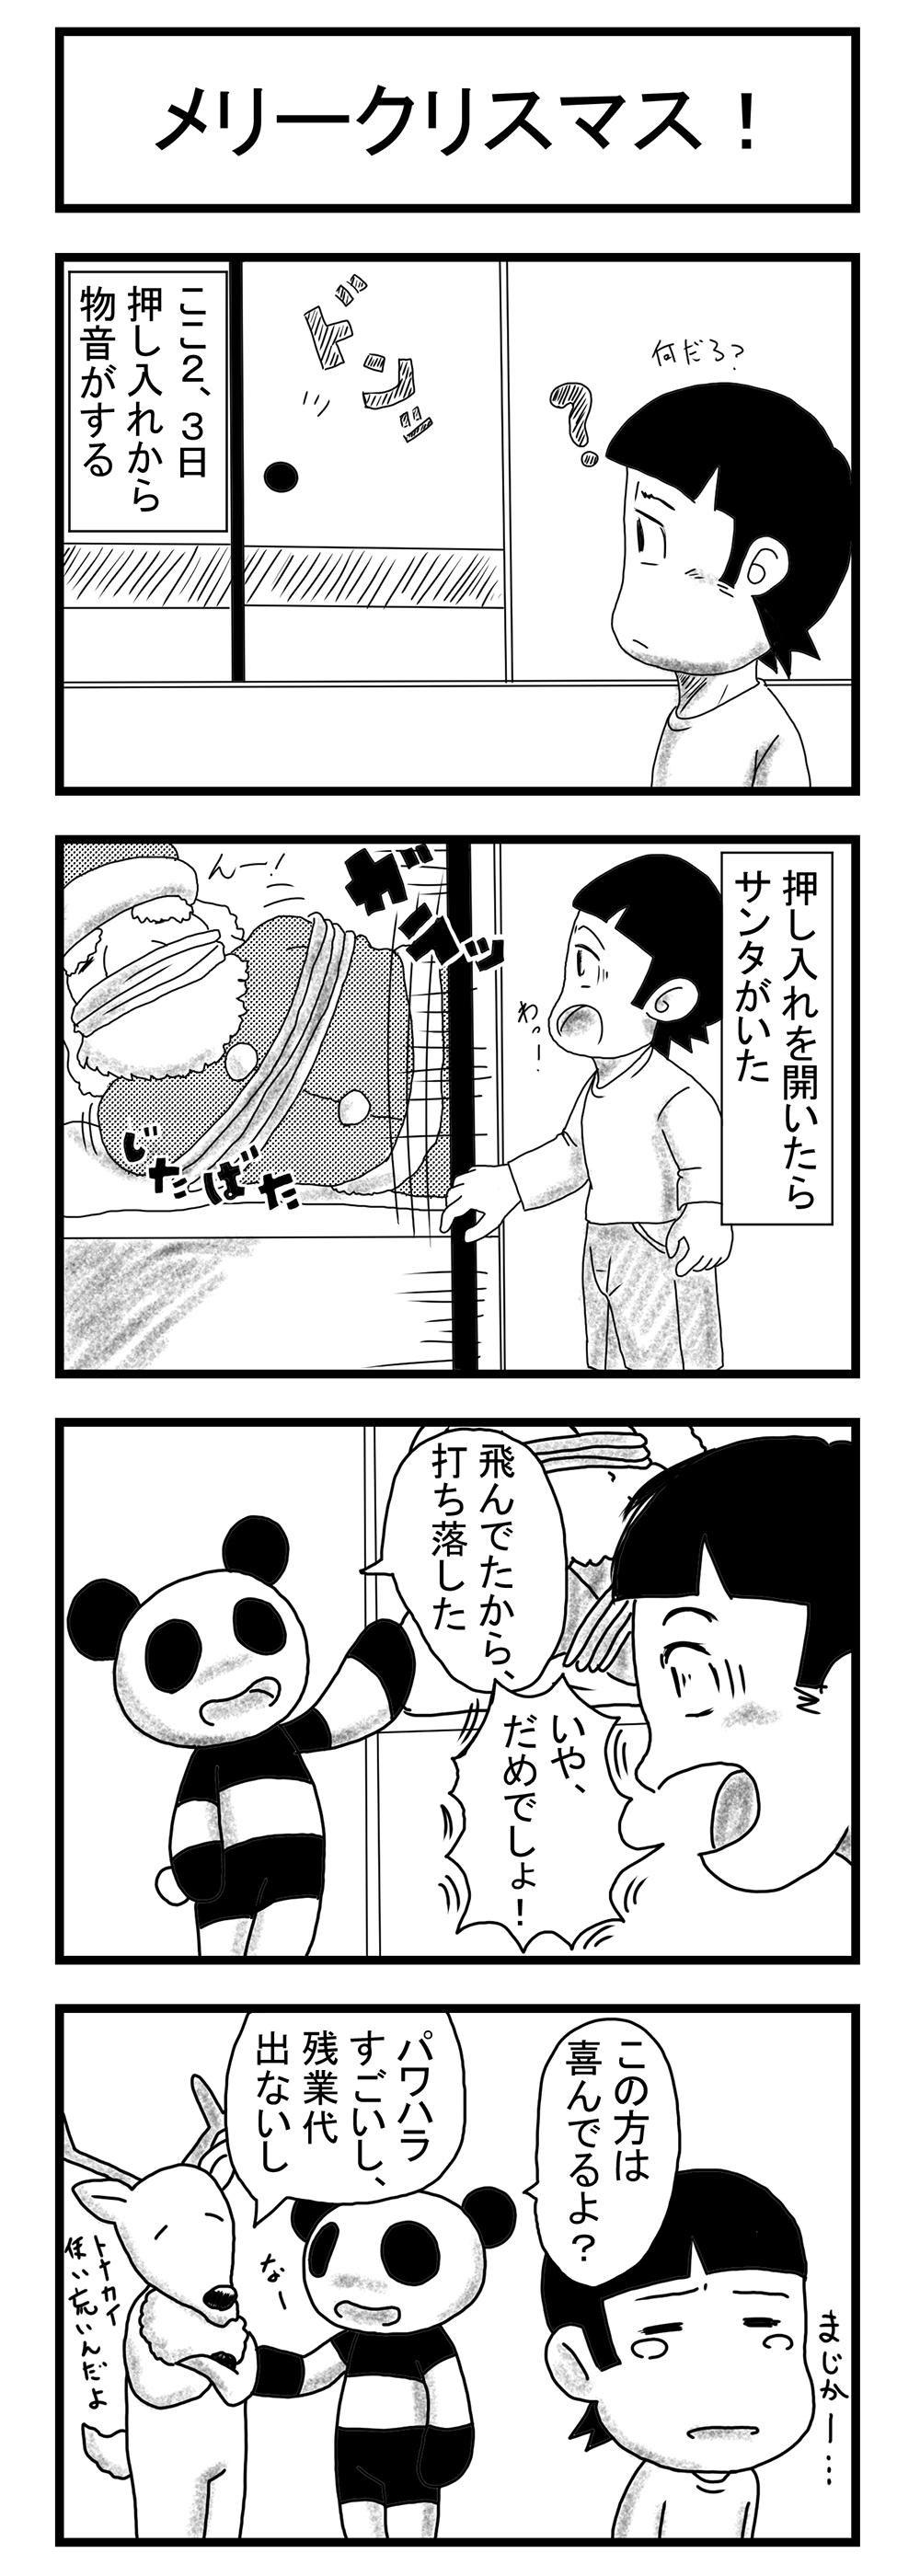 4コマ漫画「ダ!パンダ」その7 「メリークリスマス!」(Raytrektabで描く漫画)#Raytrektab #4コマ漫画 #クリスマス